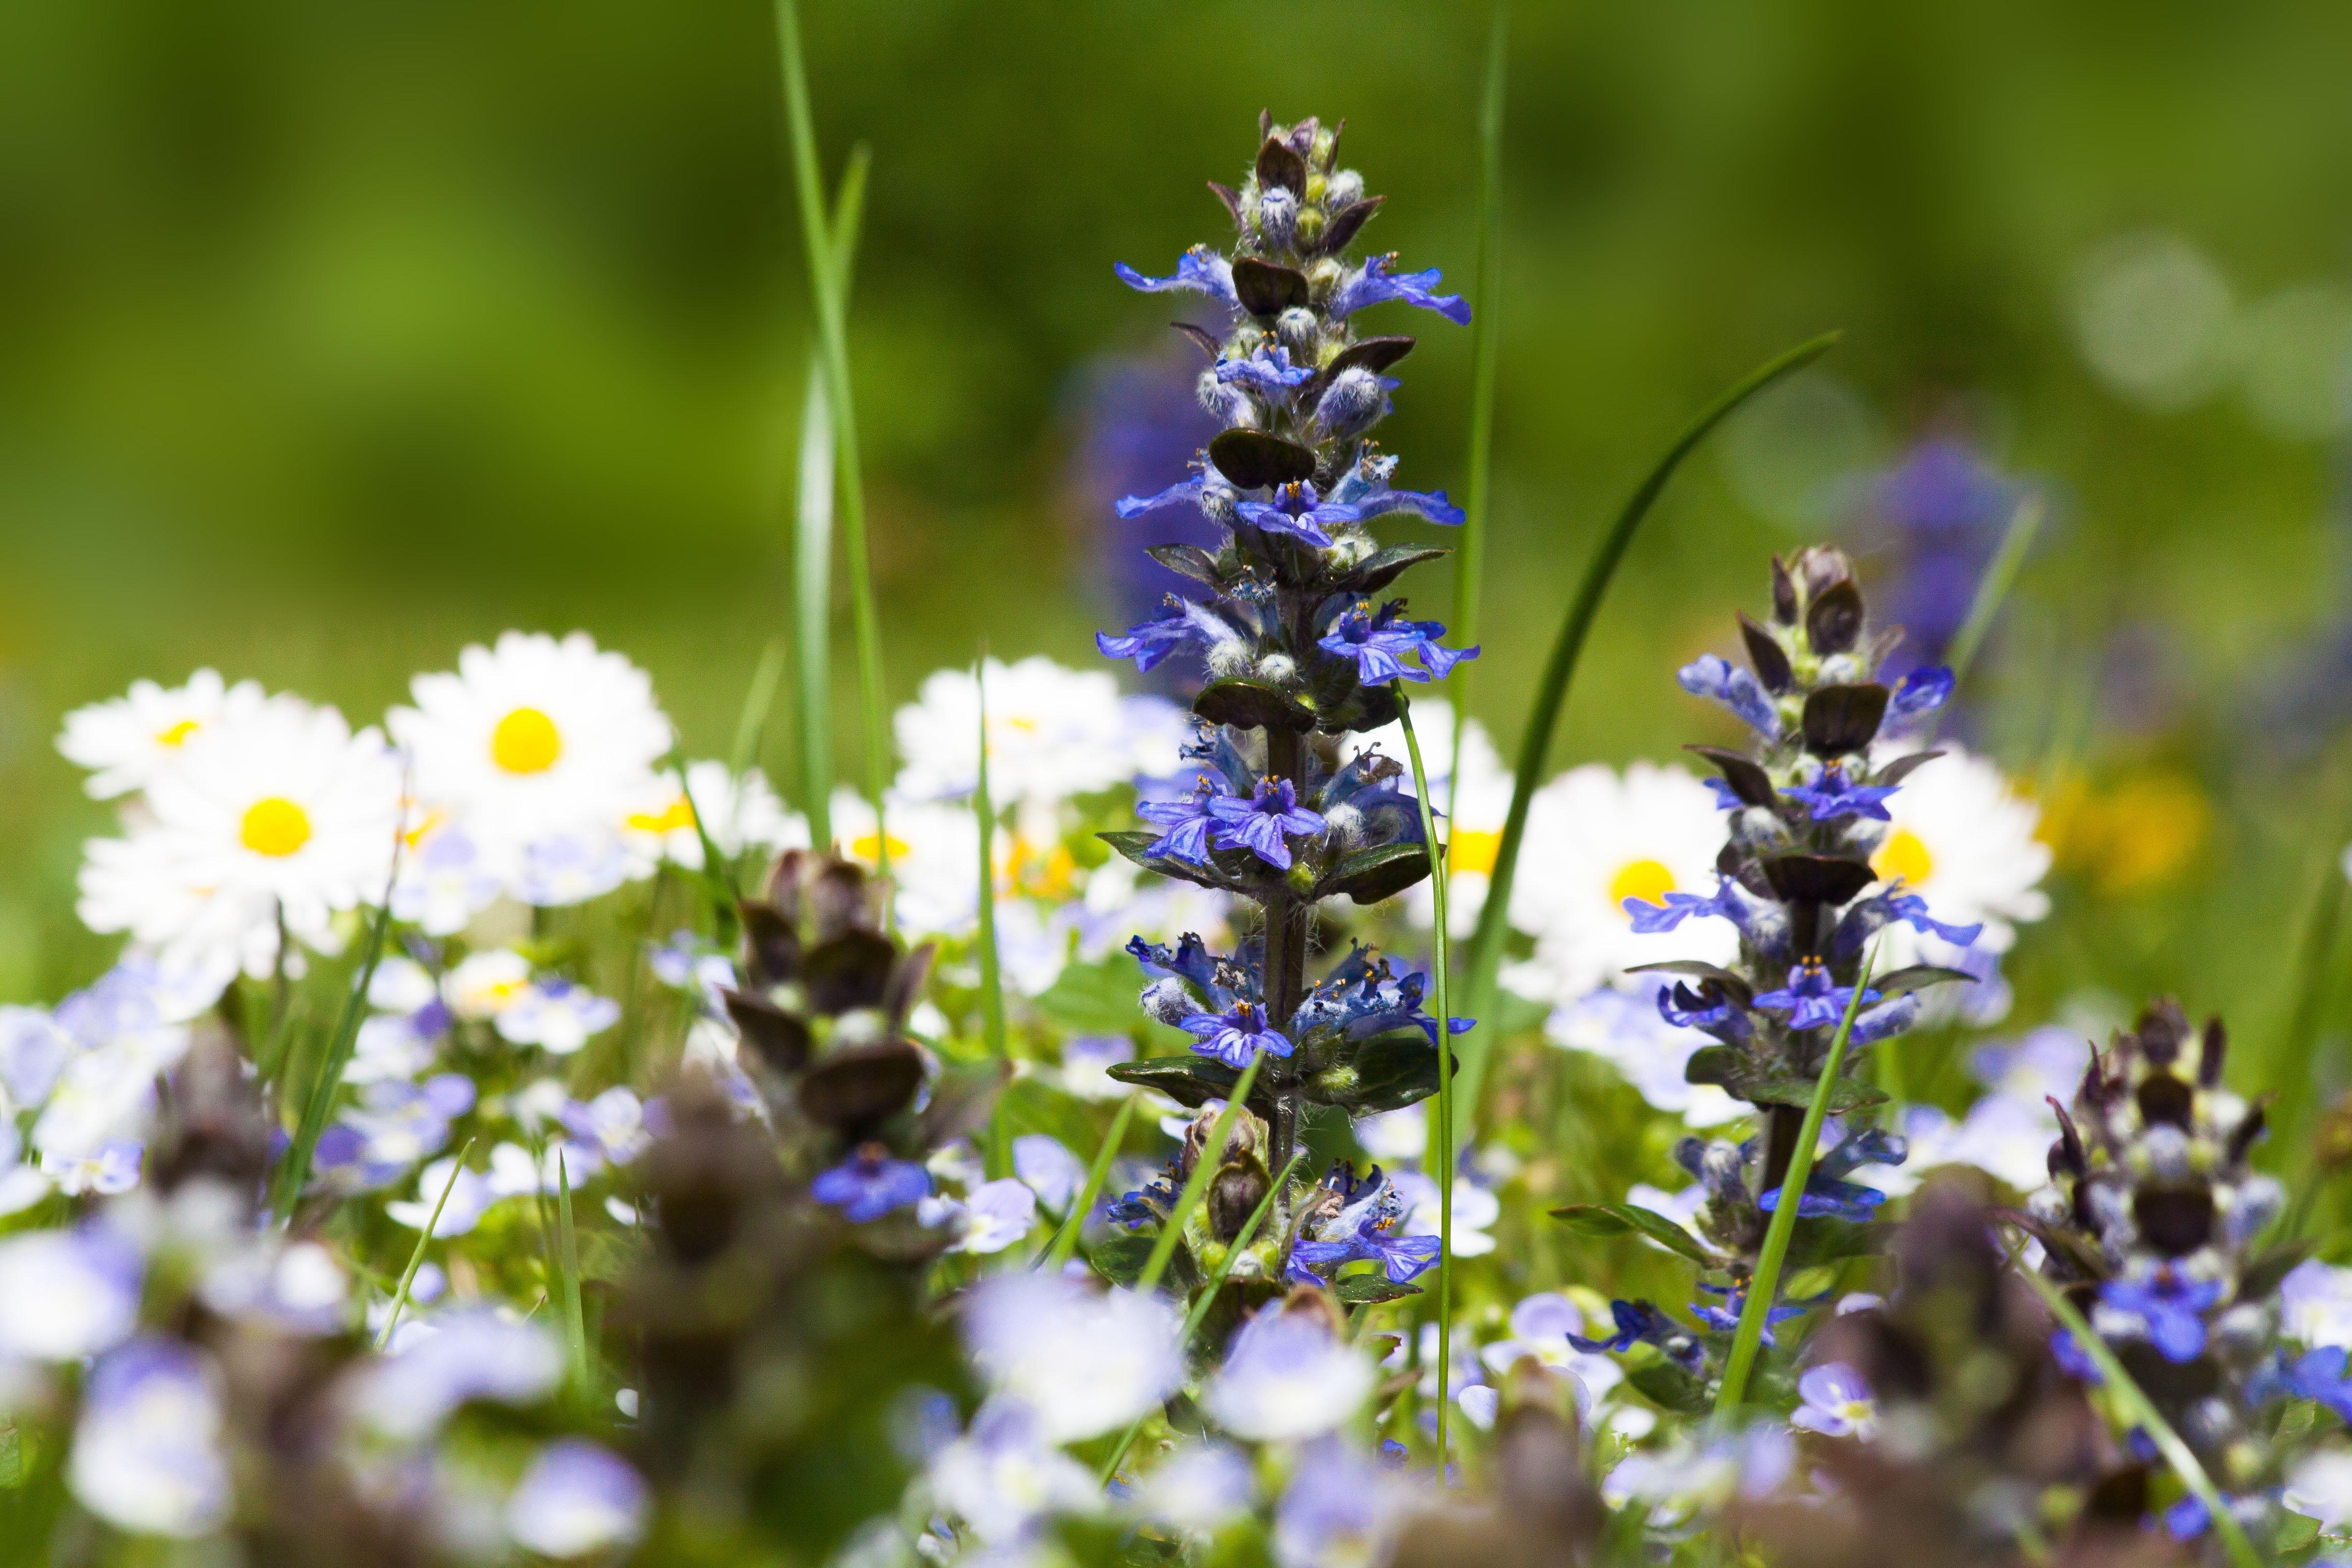 kostenlose foto natur gras bl hen wei wiese blume pollen fr hling gr n kraut. Black Bedroom Furniture Sets. Home Design Ideas